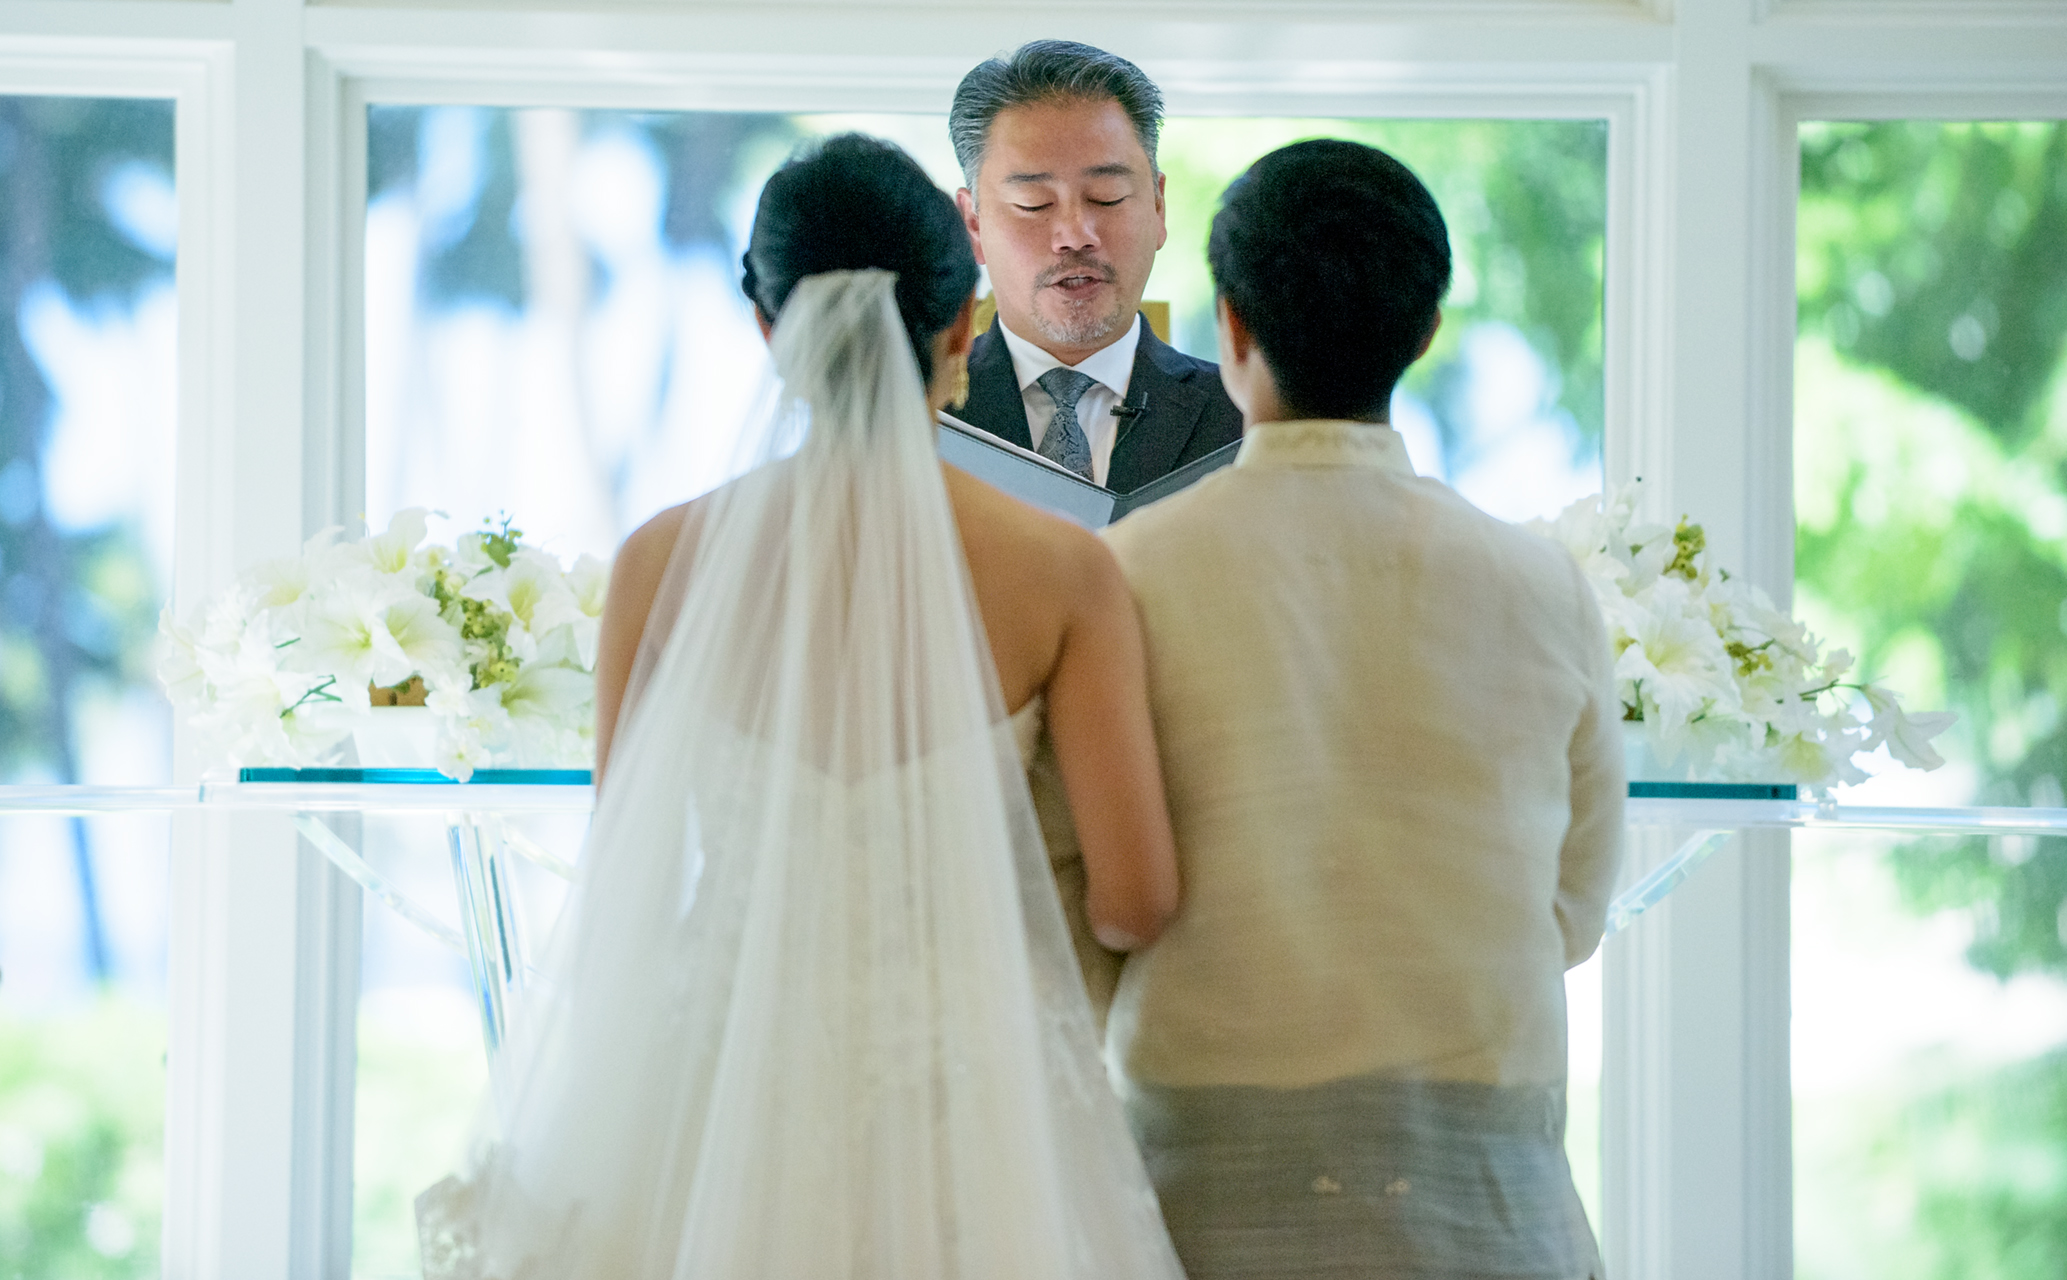 Wedding ceremony at Akala Chapel at Hilton Hawaiian Village